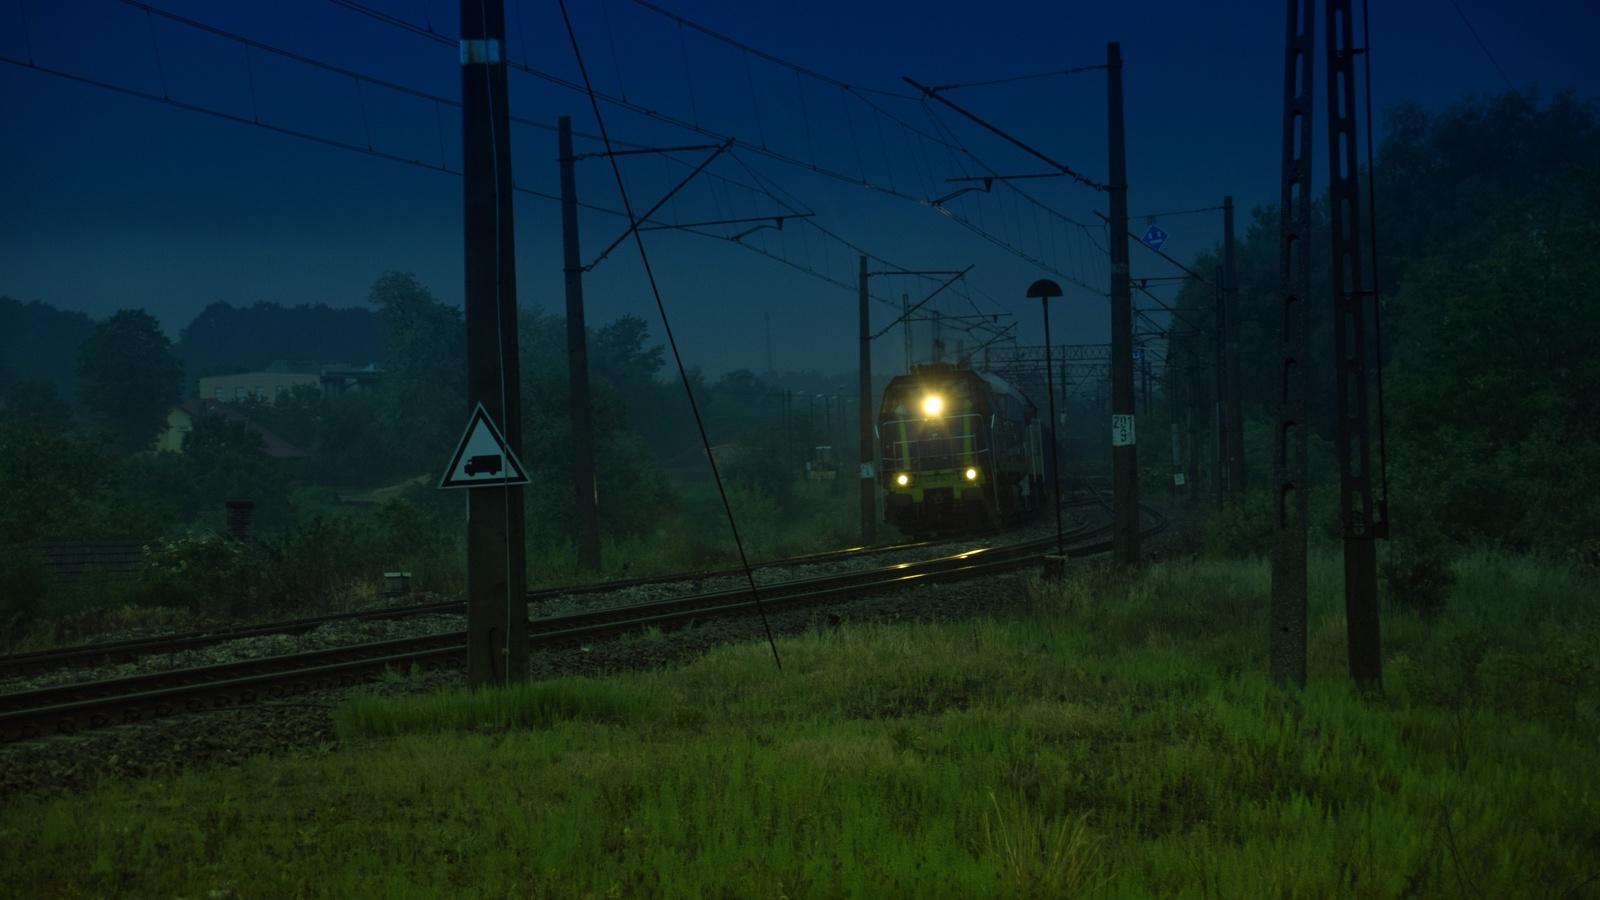 ночь, поезд, огни